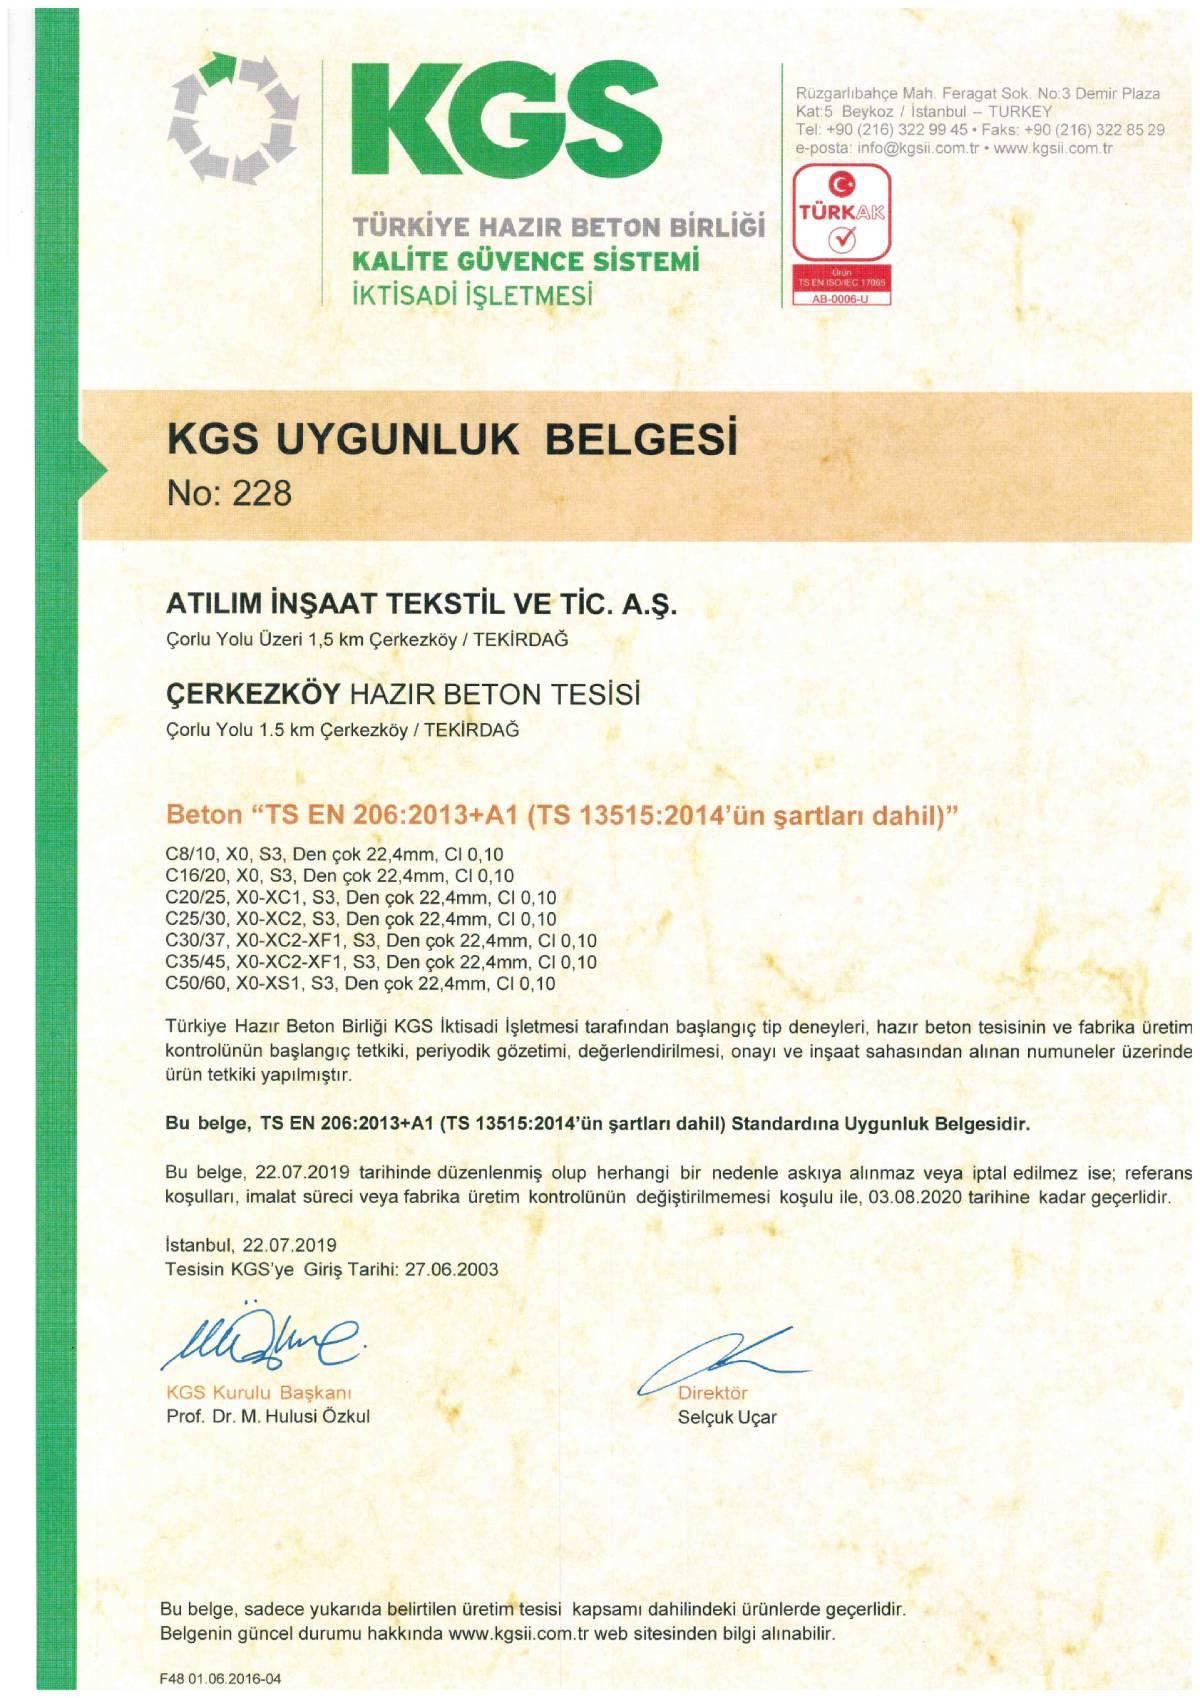 KGS_Uygunluk_Belgesi